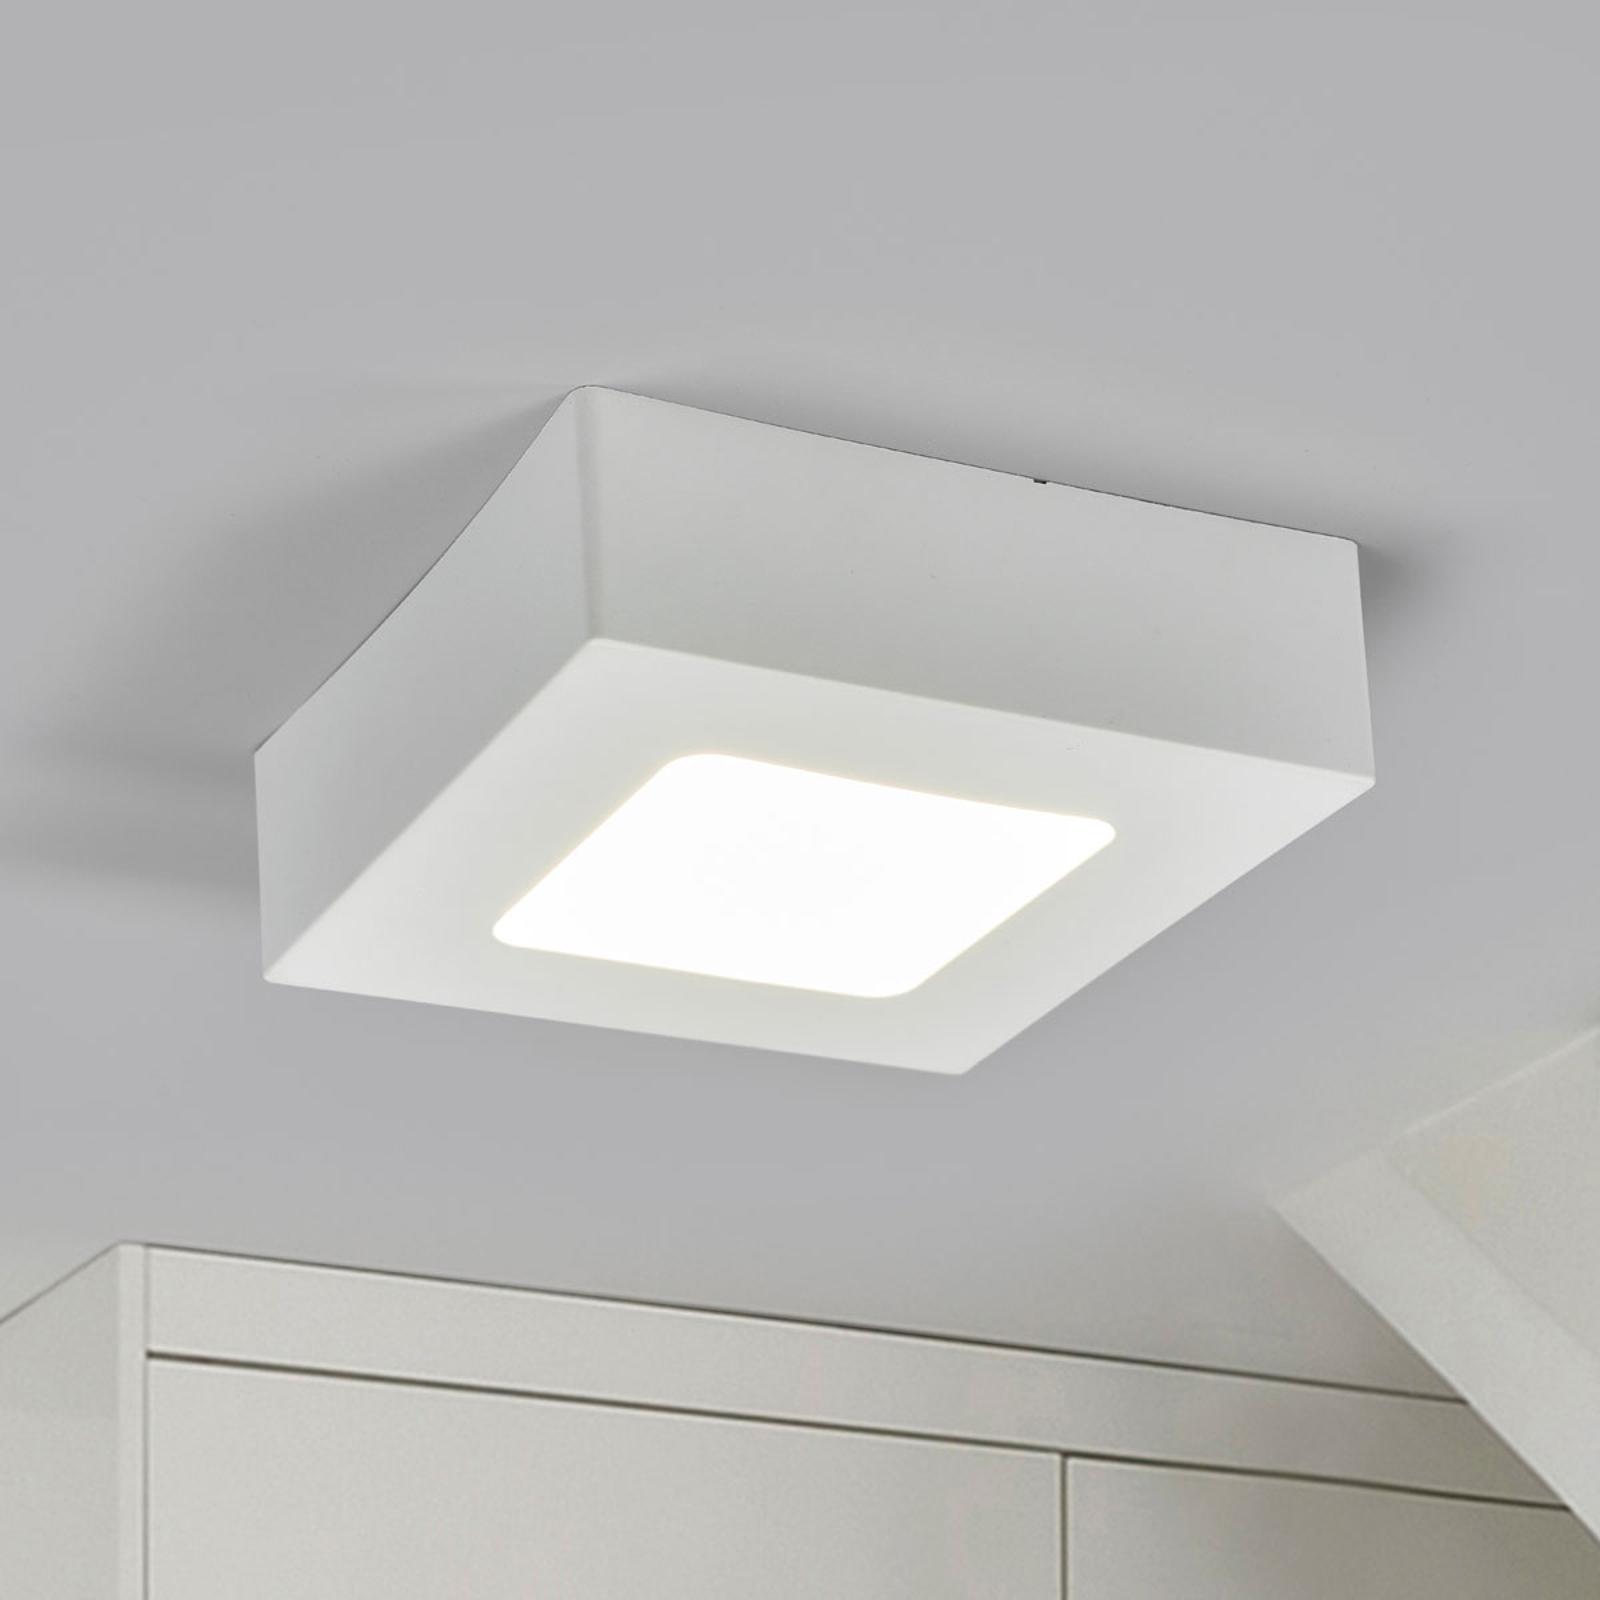 LED stropní svítidlo Marlo 4000K hranaté 12,8 cm